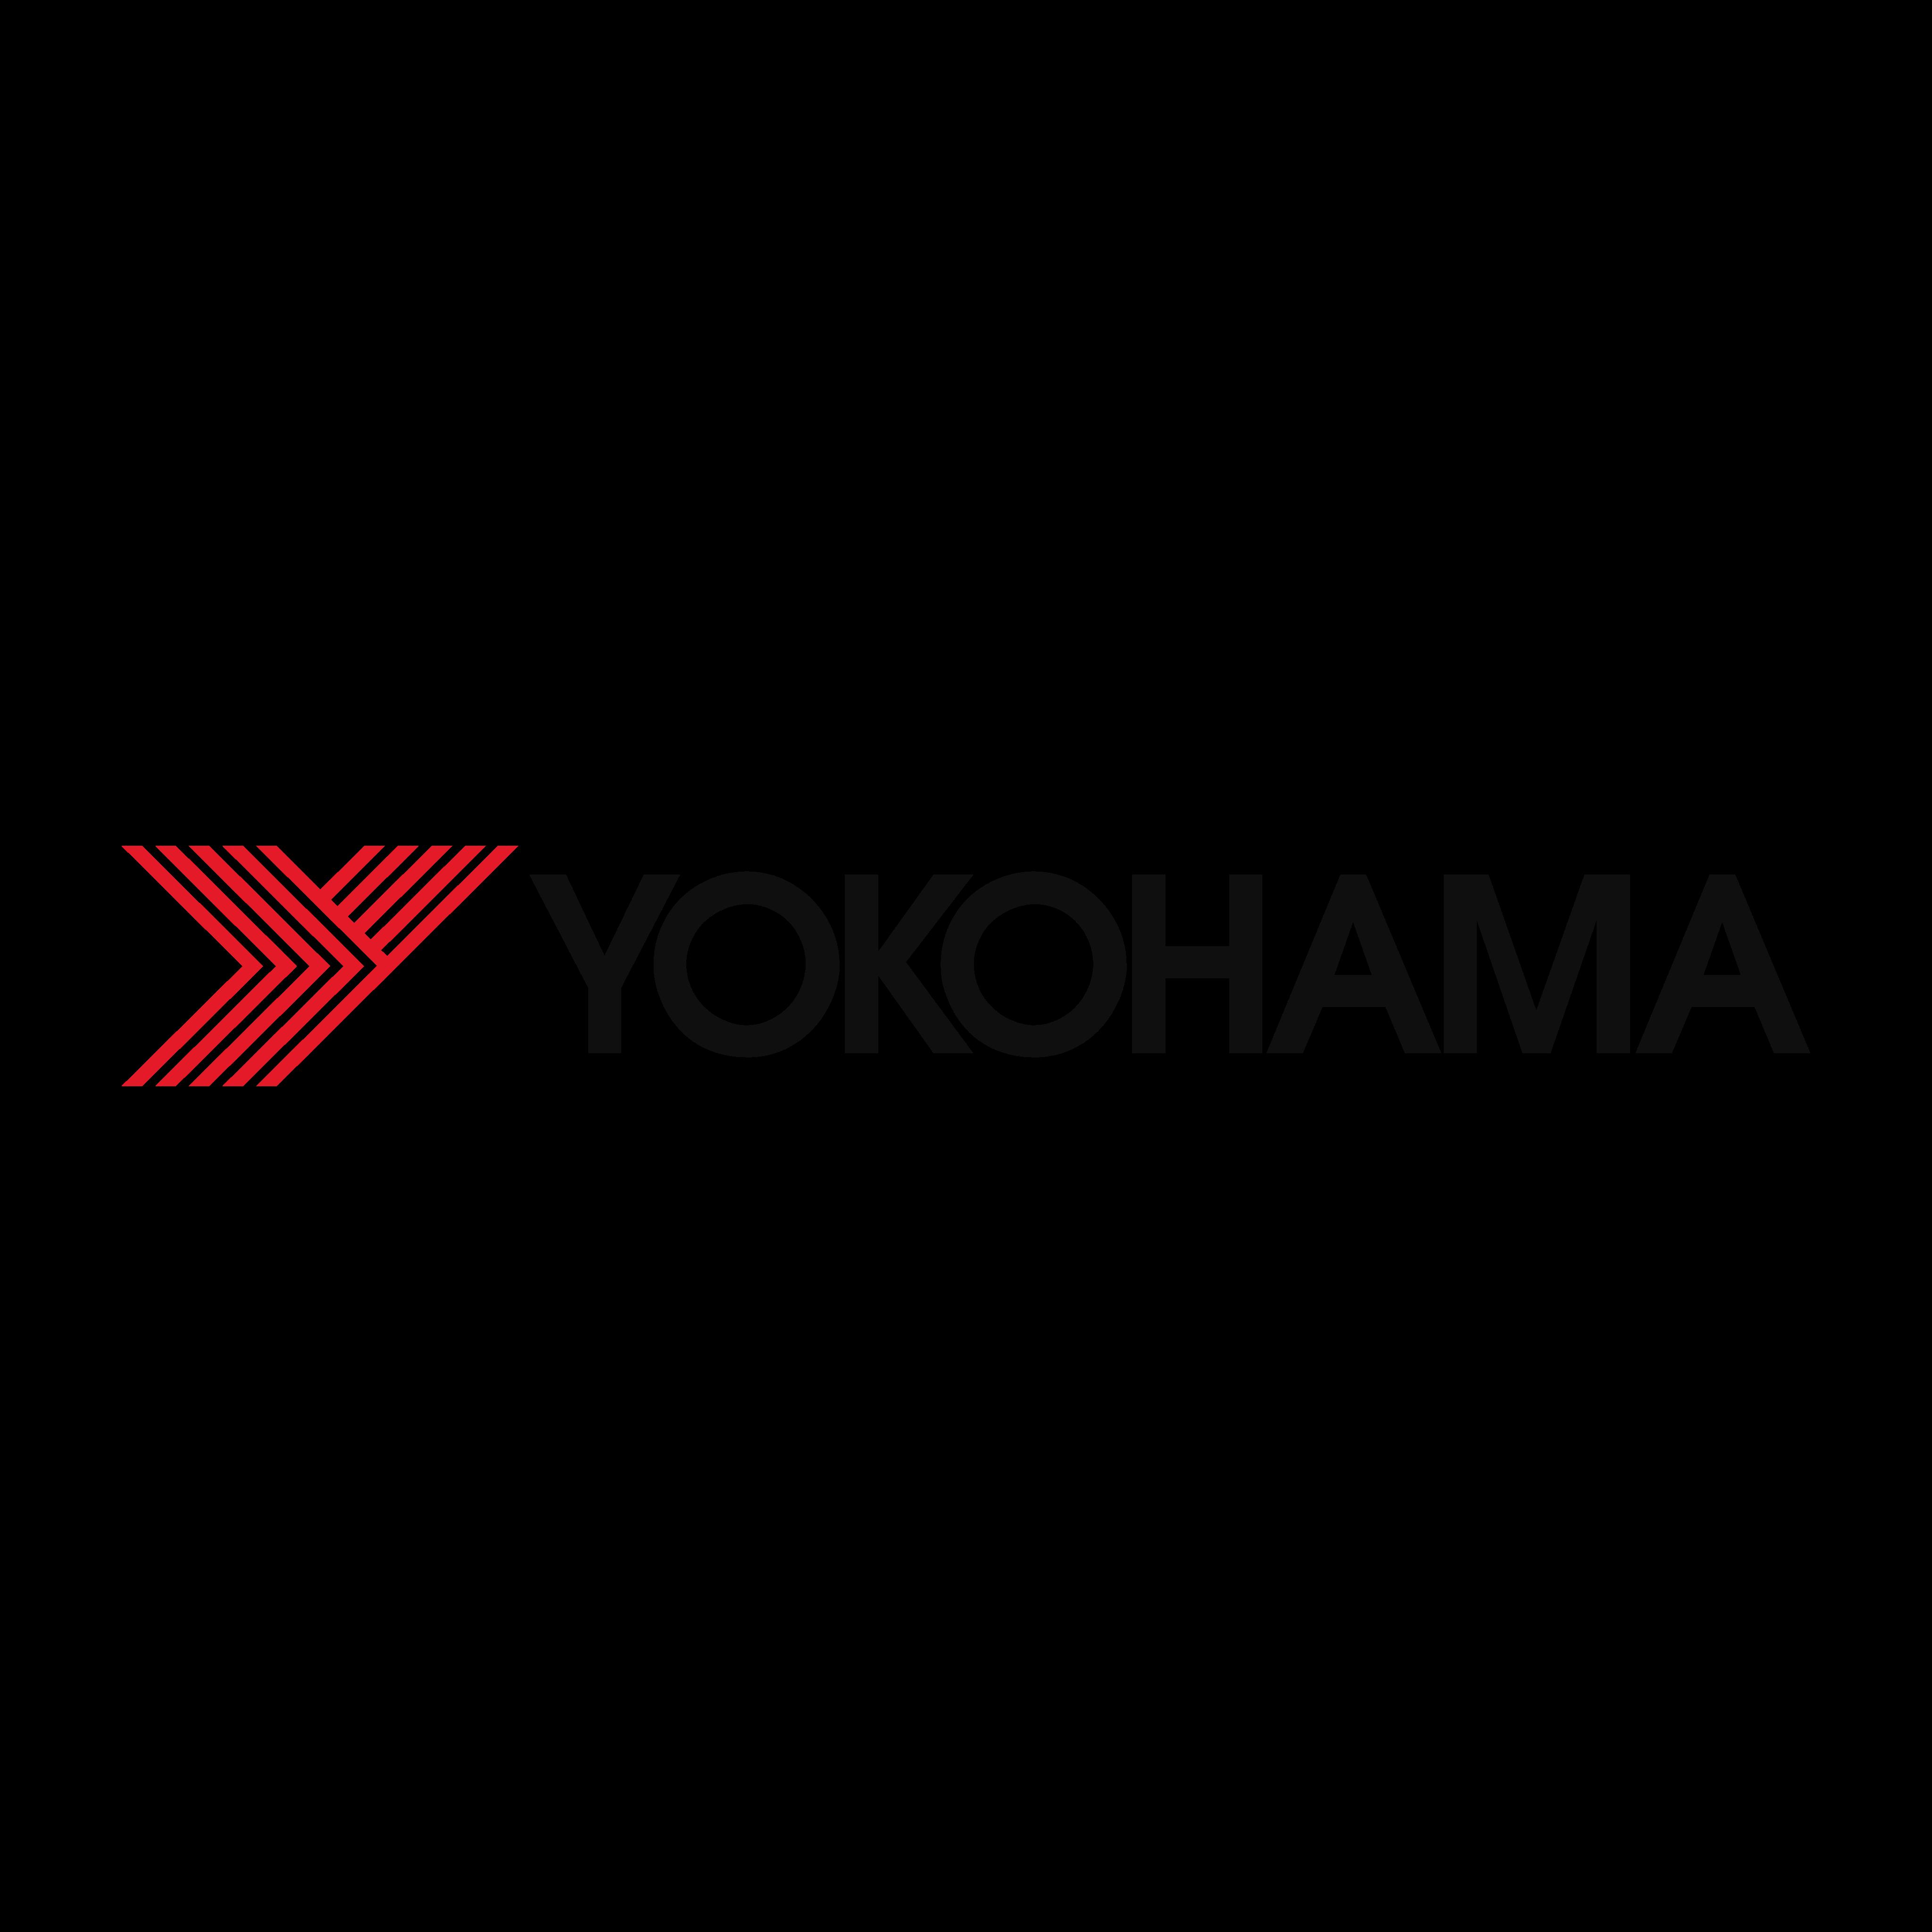 yokohama logo 0 - Yokohama Logo